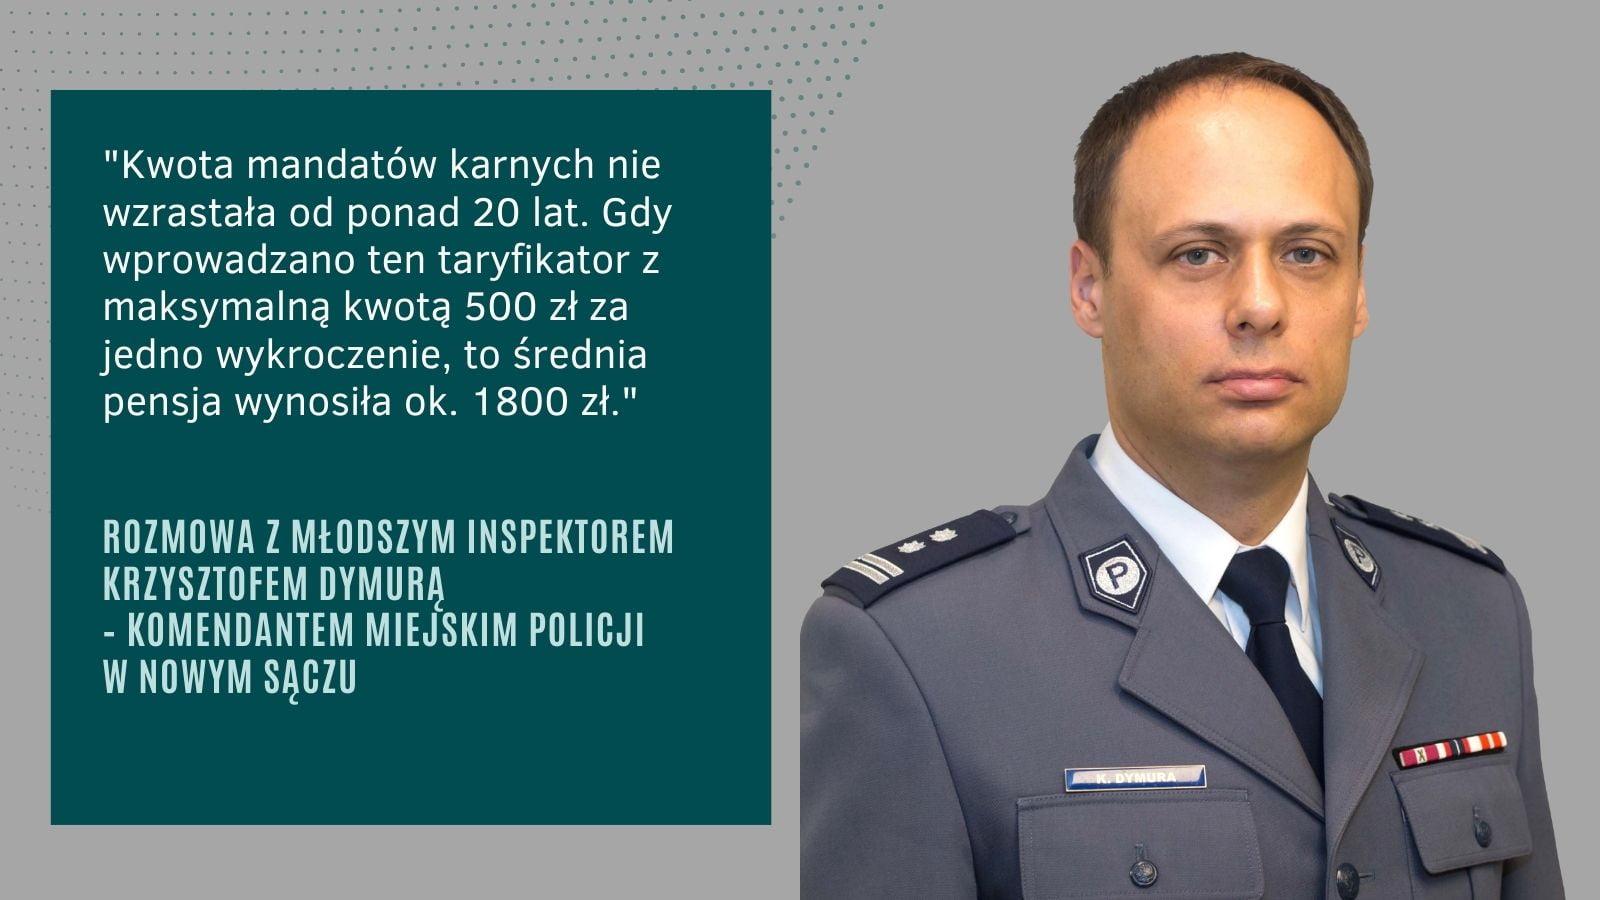 Krzysztof Dymura